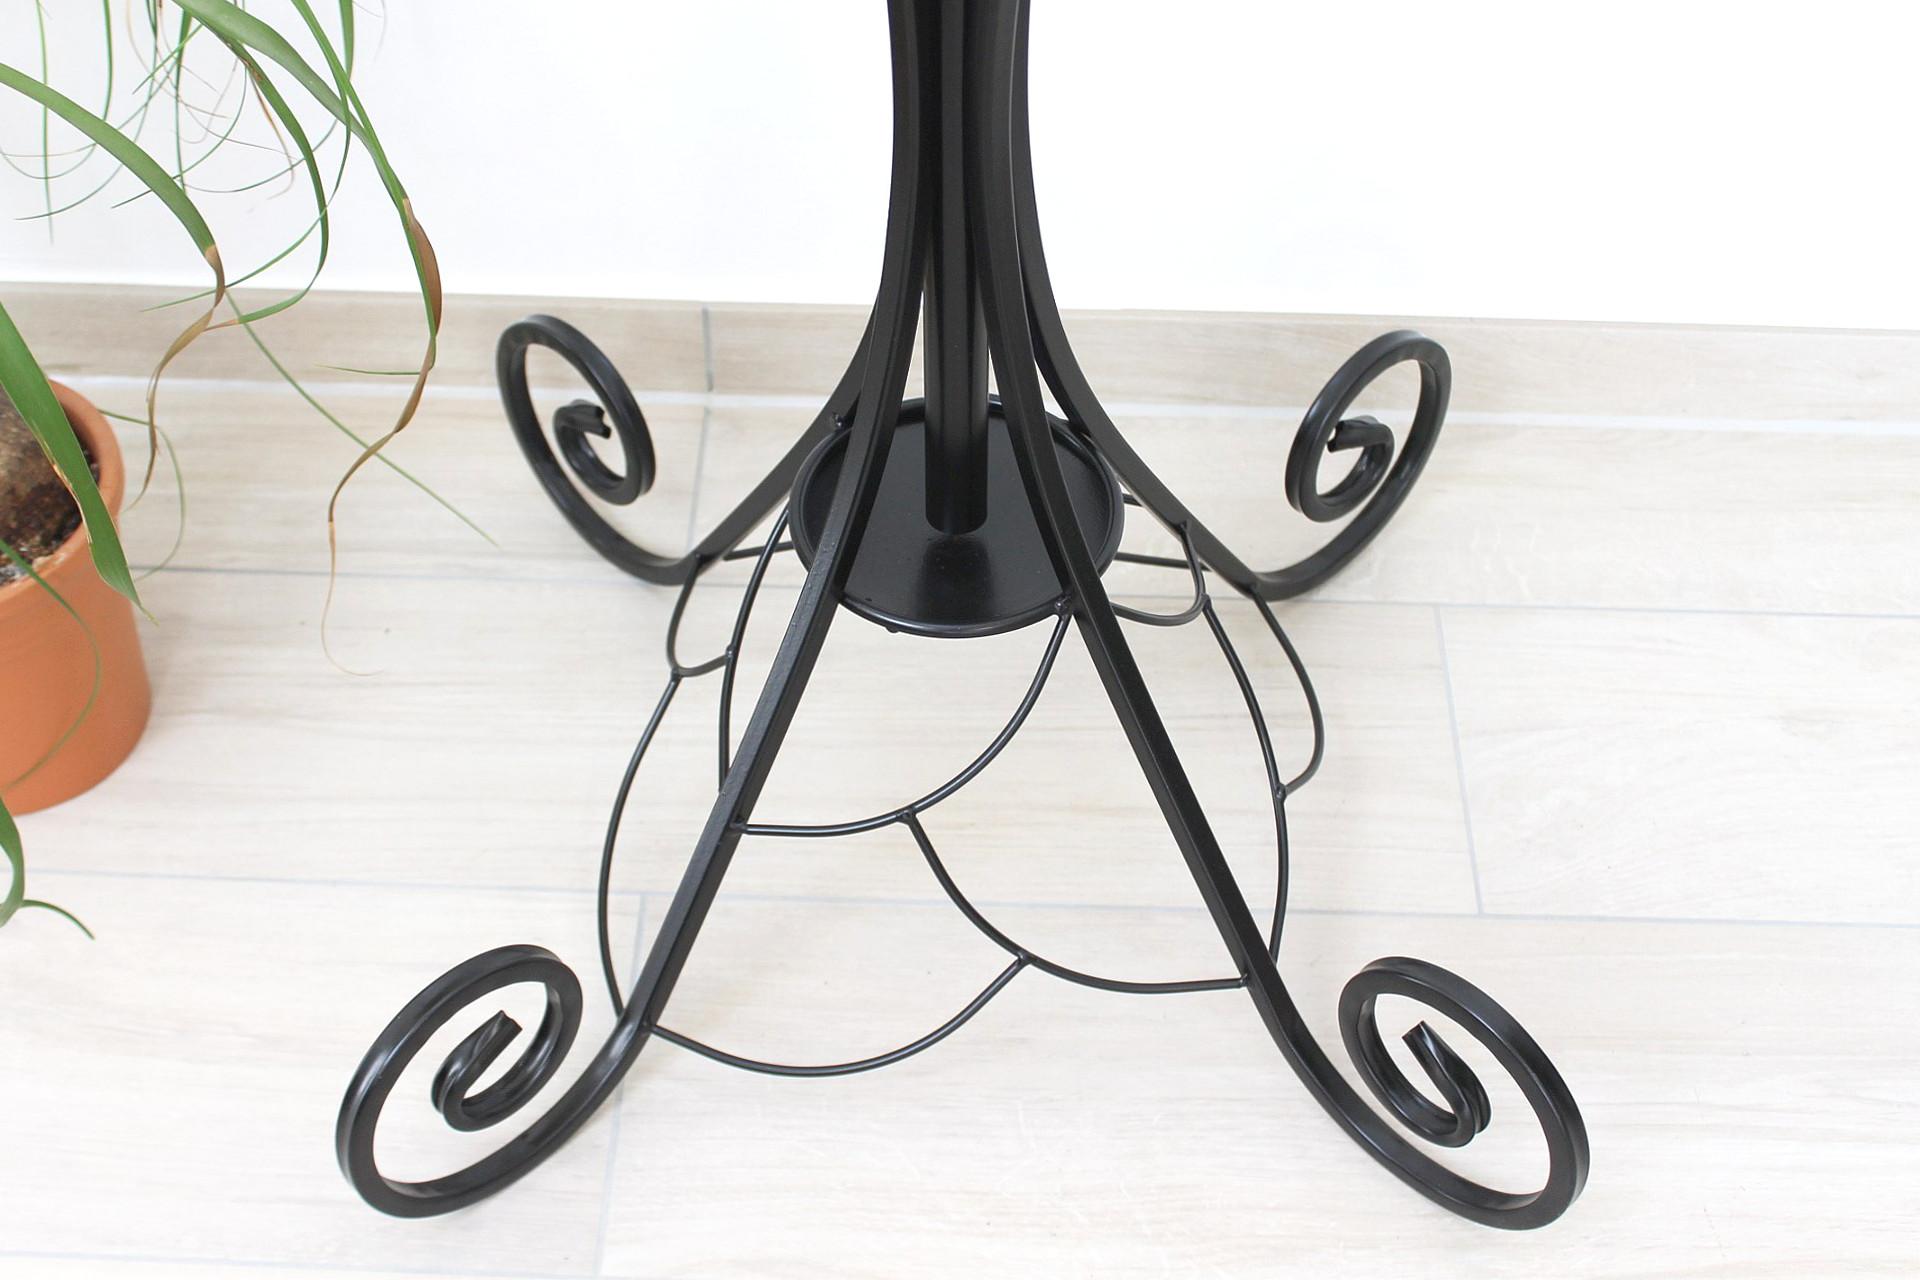 kleiderst nder schirmst nder wi001 metall 202 cm garderobe garderobenst nder ebay. Black Bedroom Furniture Sets. Home Design Ideas